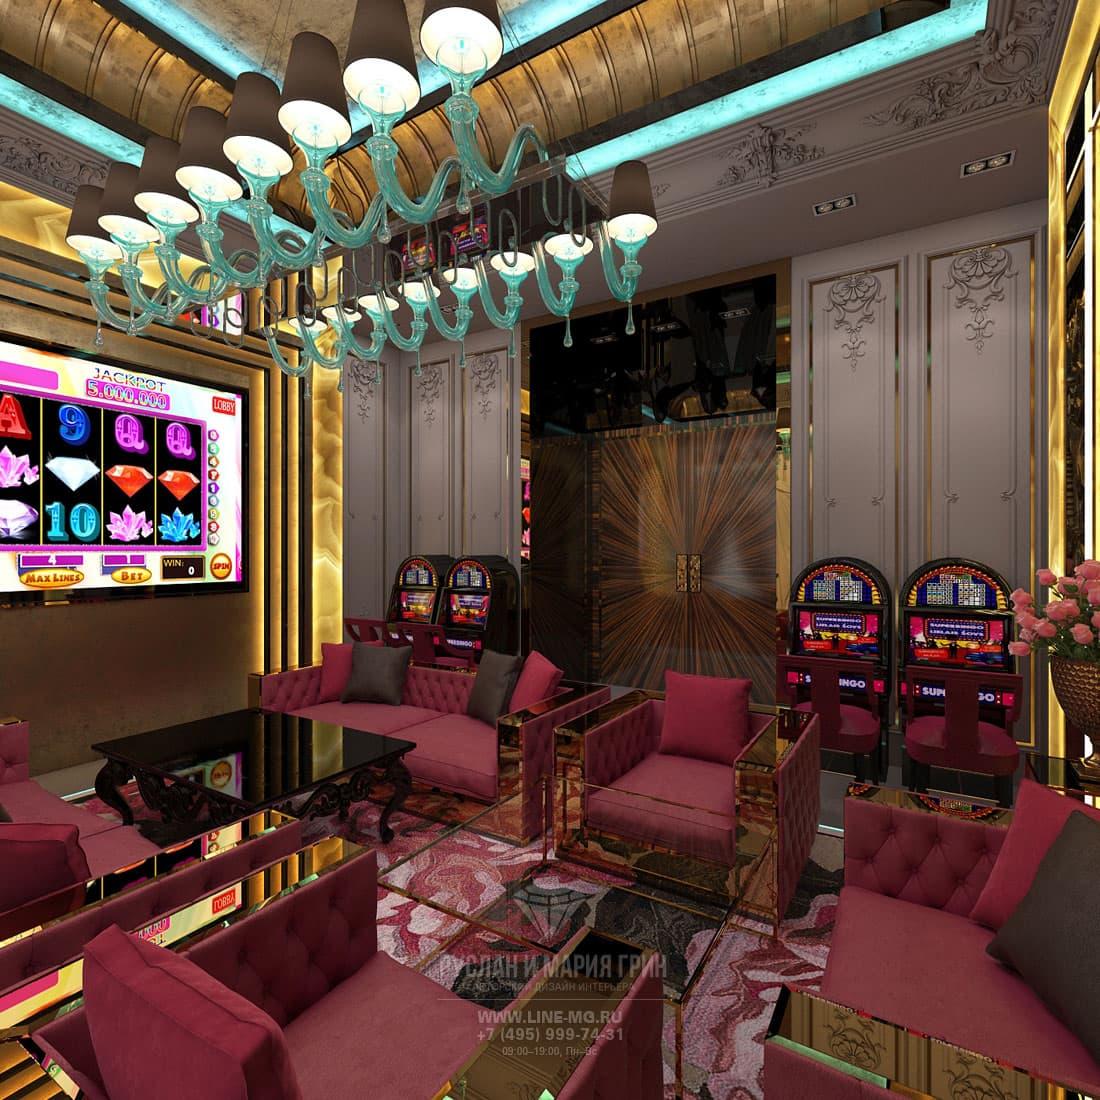 Проект оформление входа в казино шаблон казино joomla 1.5 бесплатно